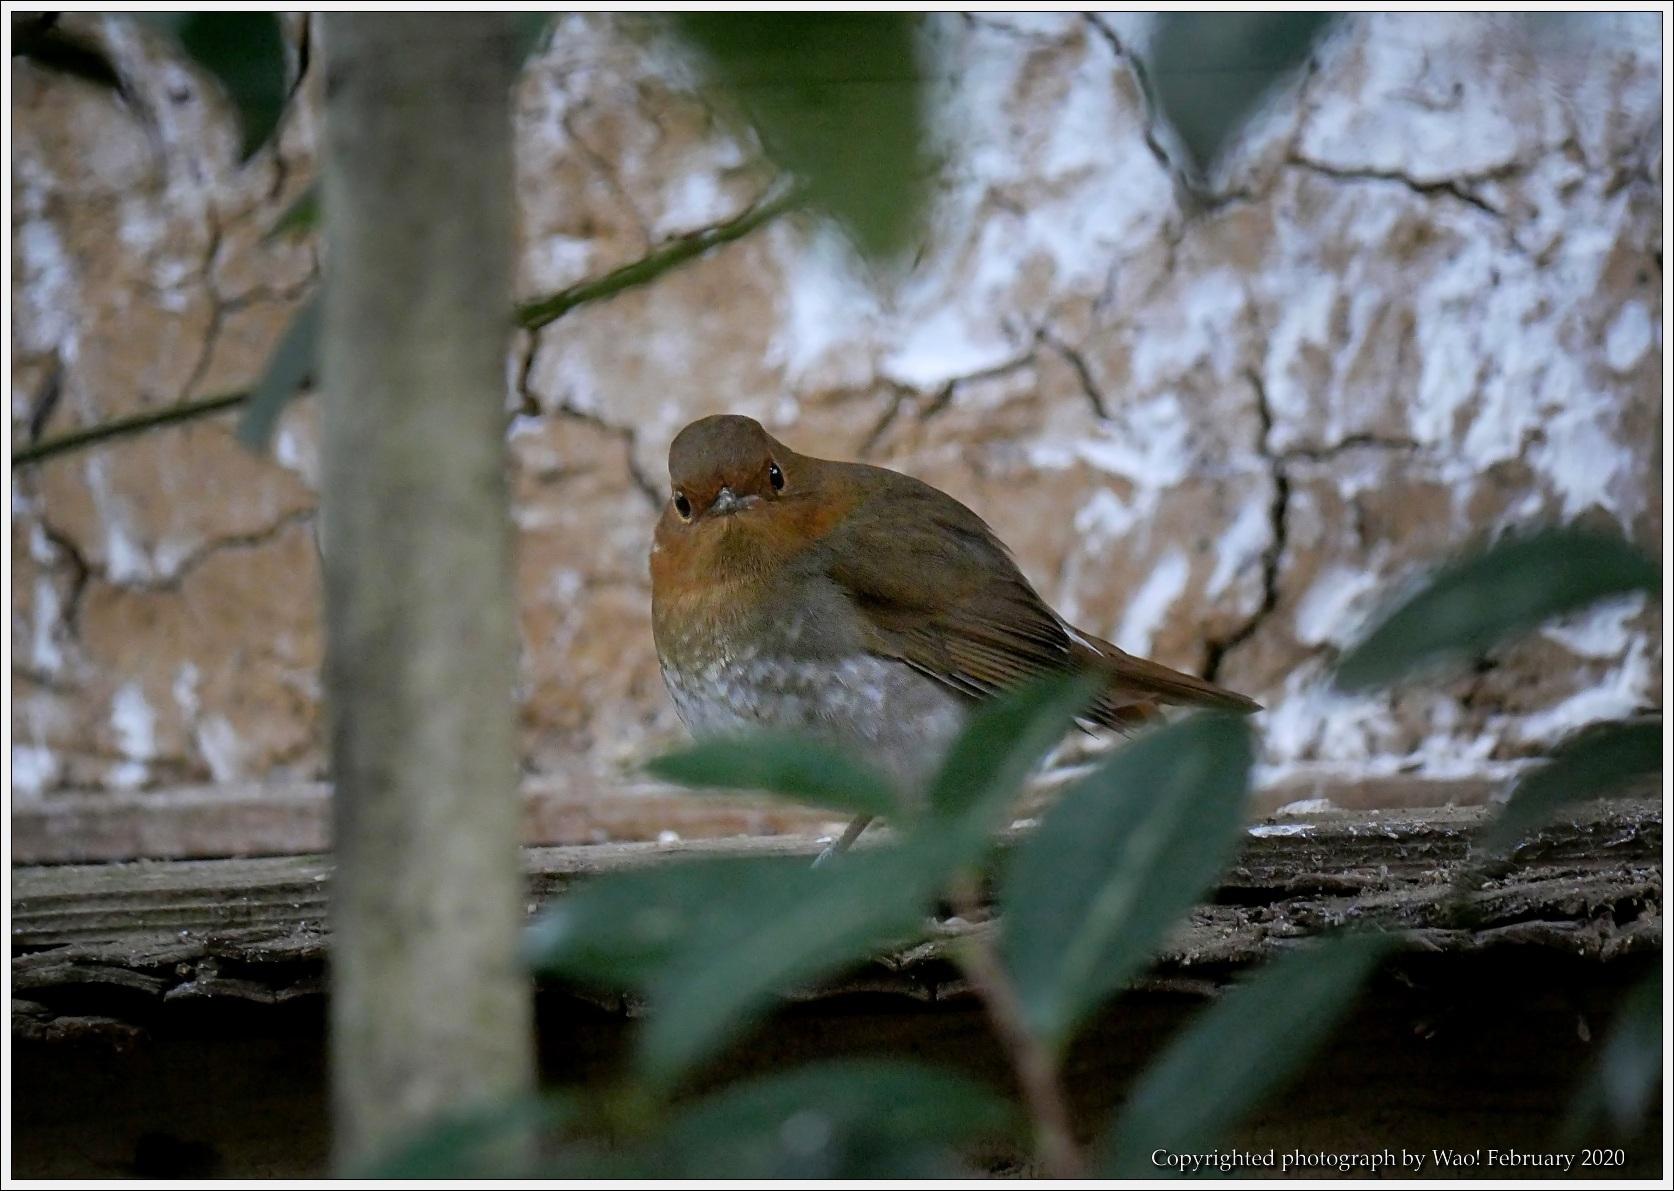 野鳥園のルリ・コマ・キビタキ_c0198669_14141050.jpg